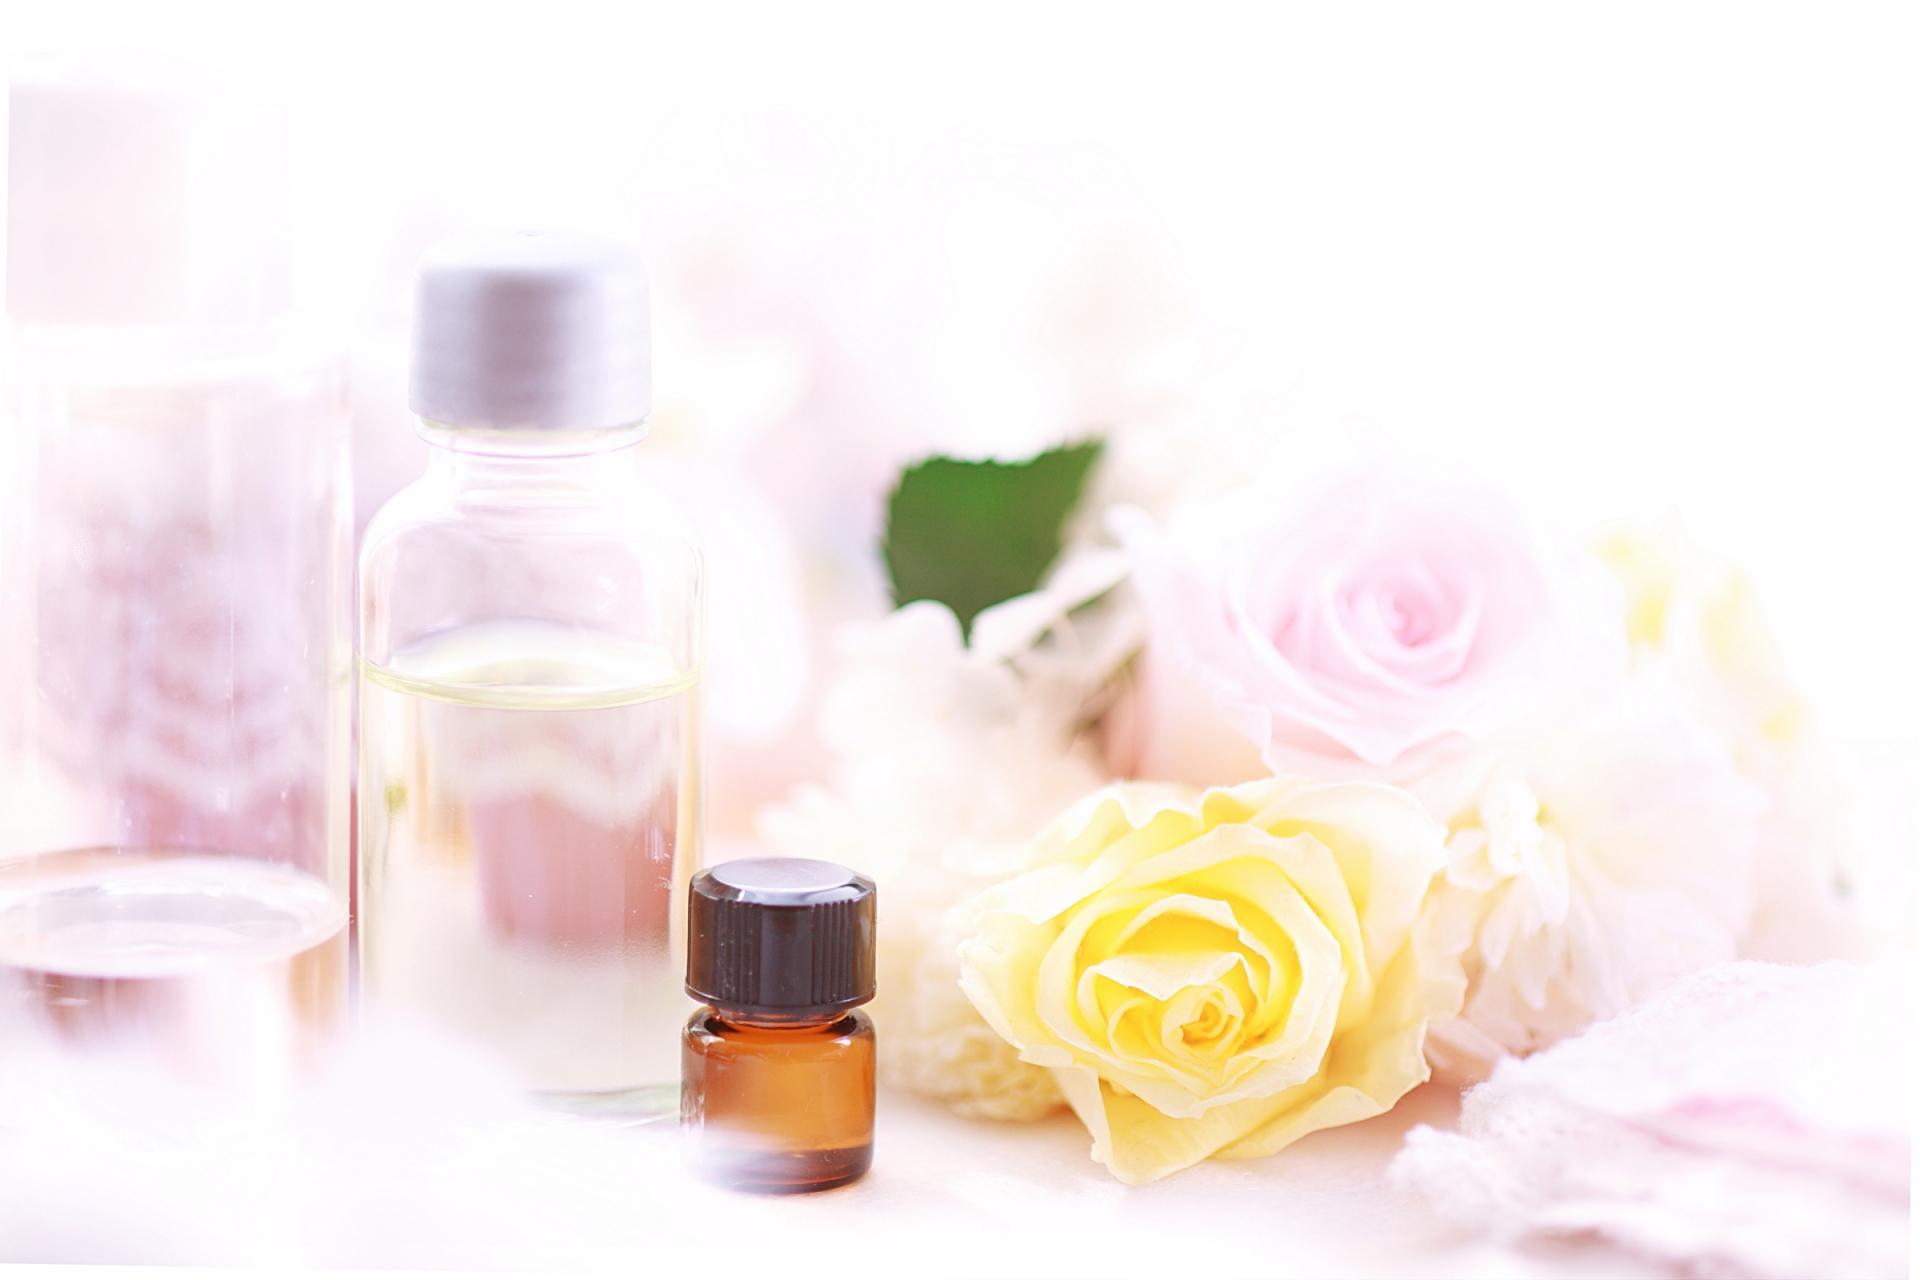 化粧品の瓶とバラ